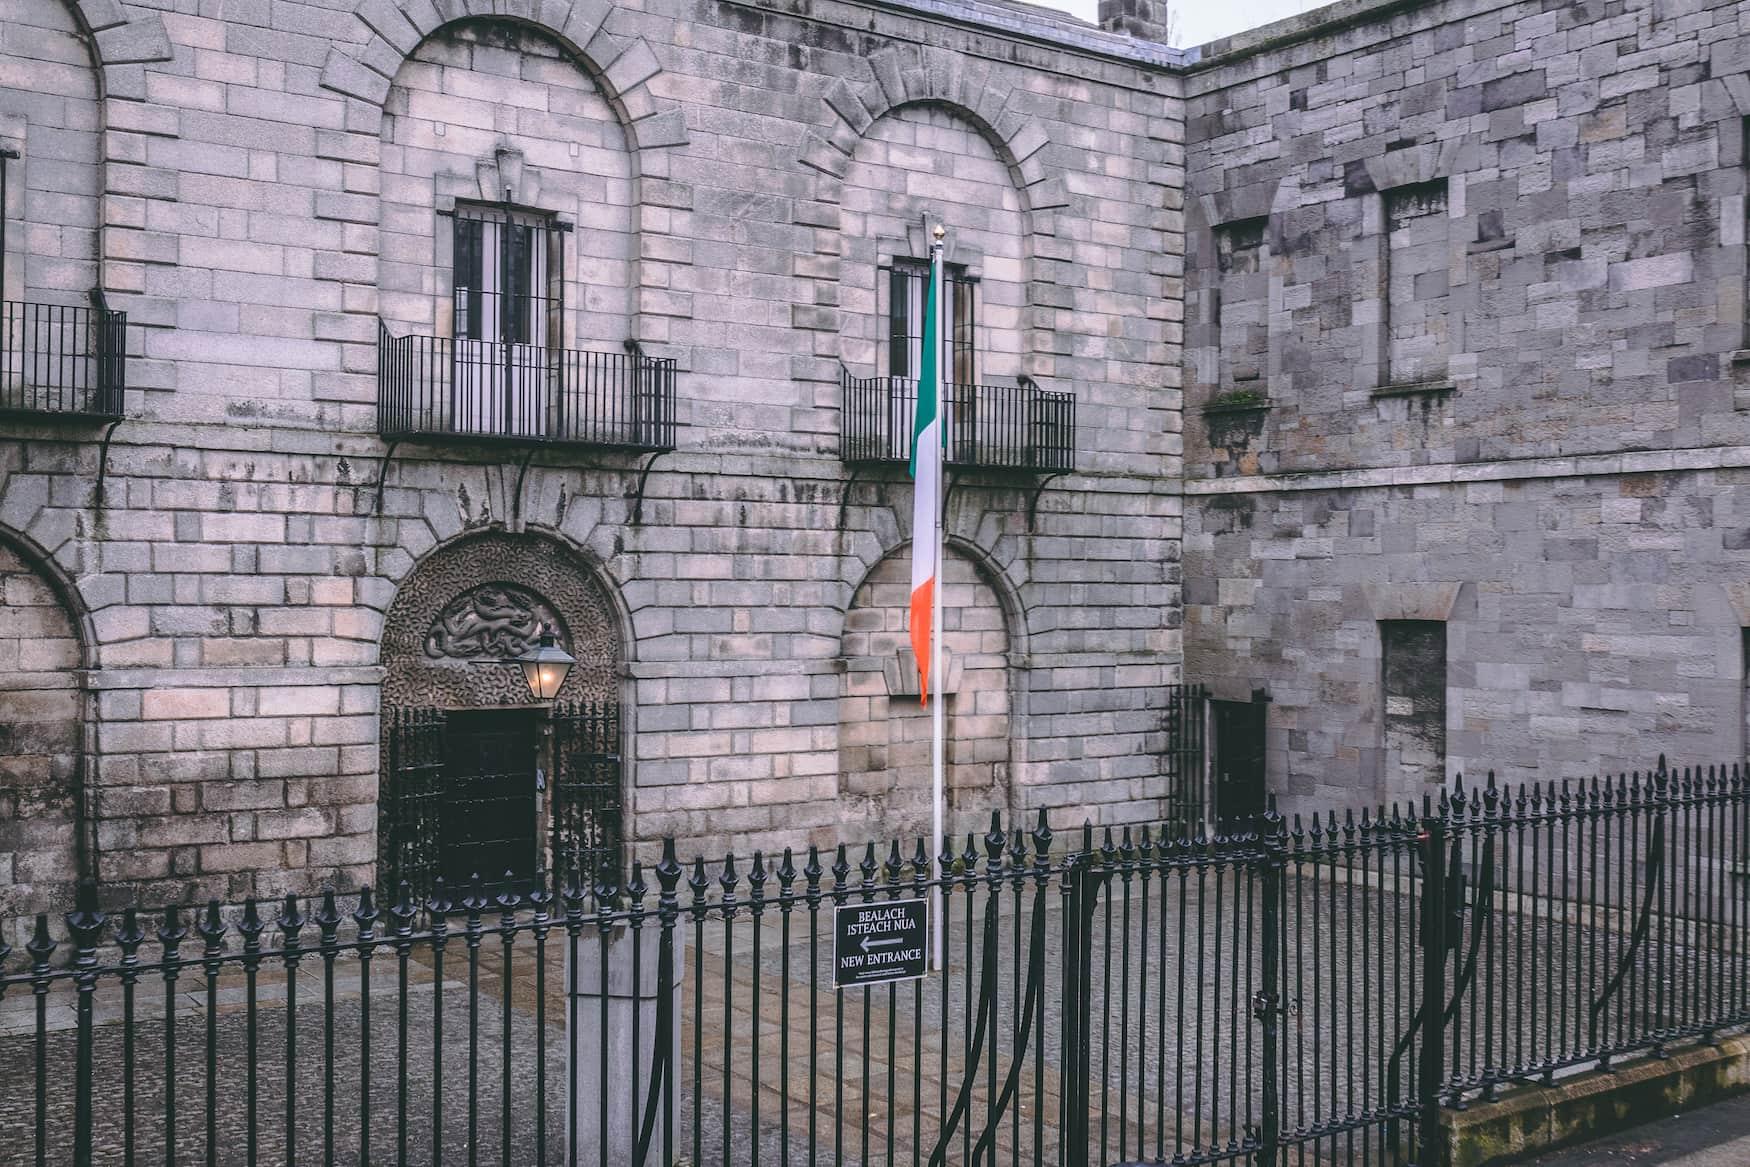 Außenfassade des Kilmainham Gaols in Dublin, das heute als Museum genutzt wird